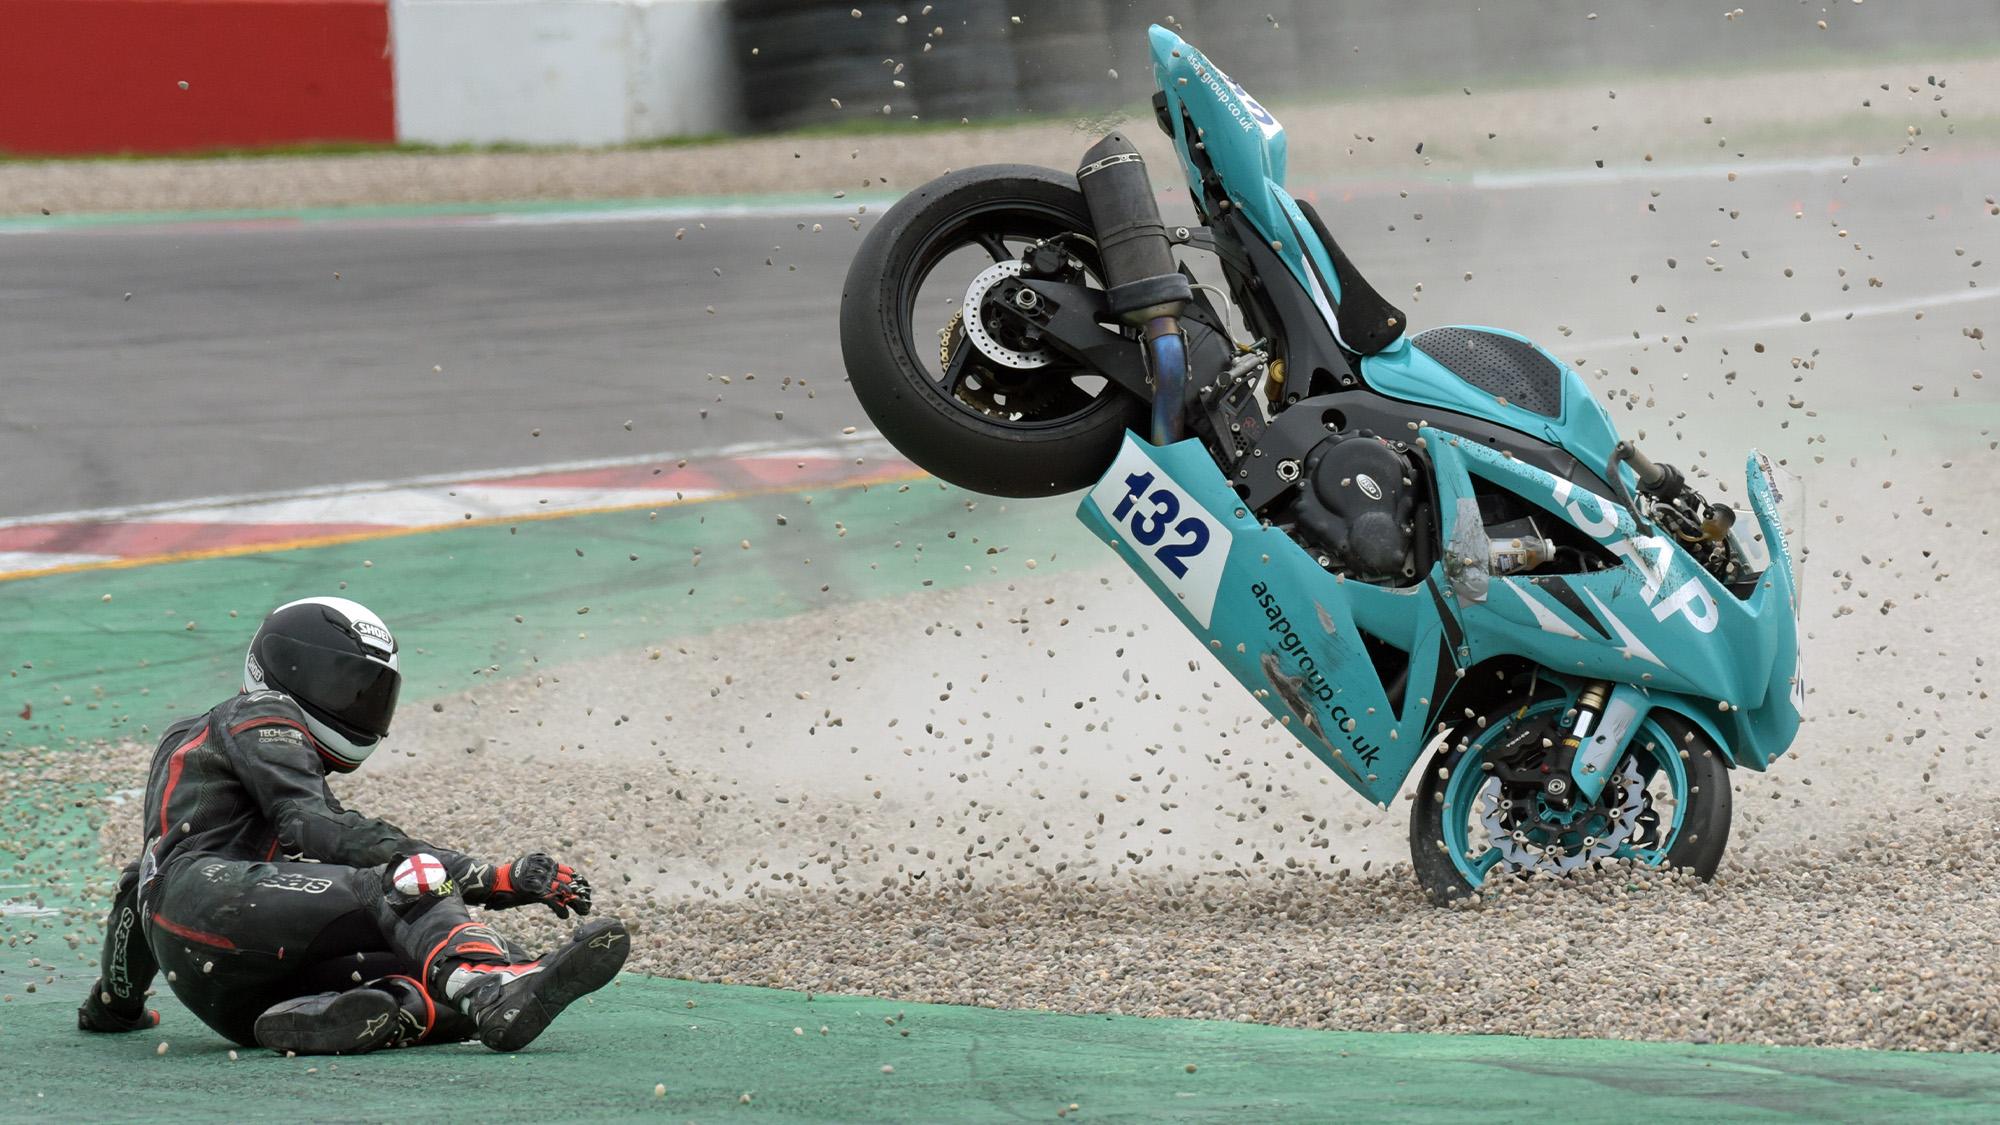 Michael Gilbert crashes out at Donington